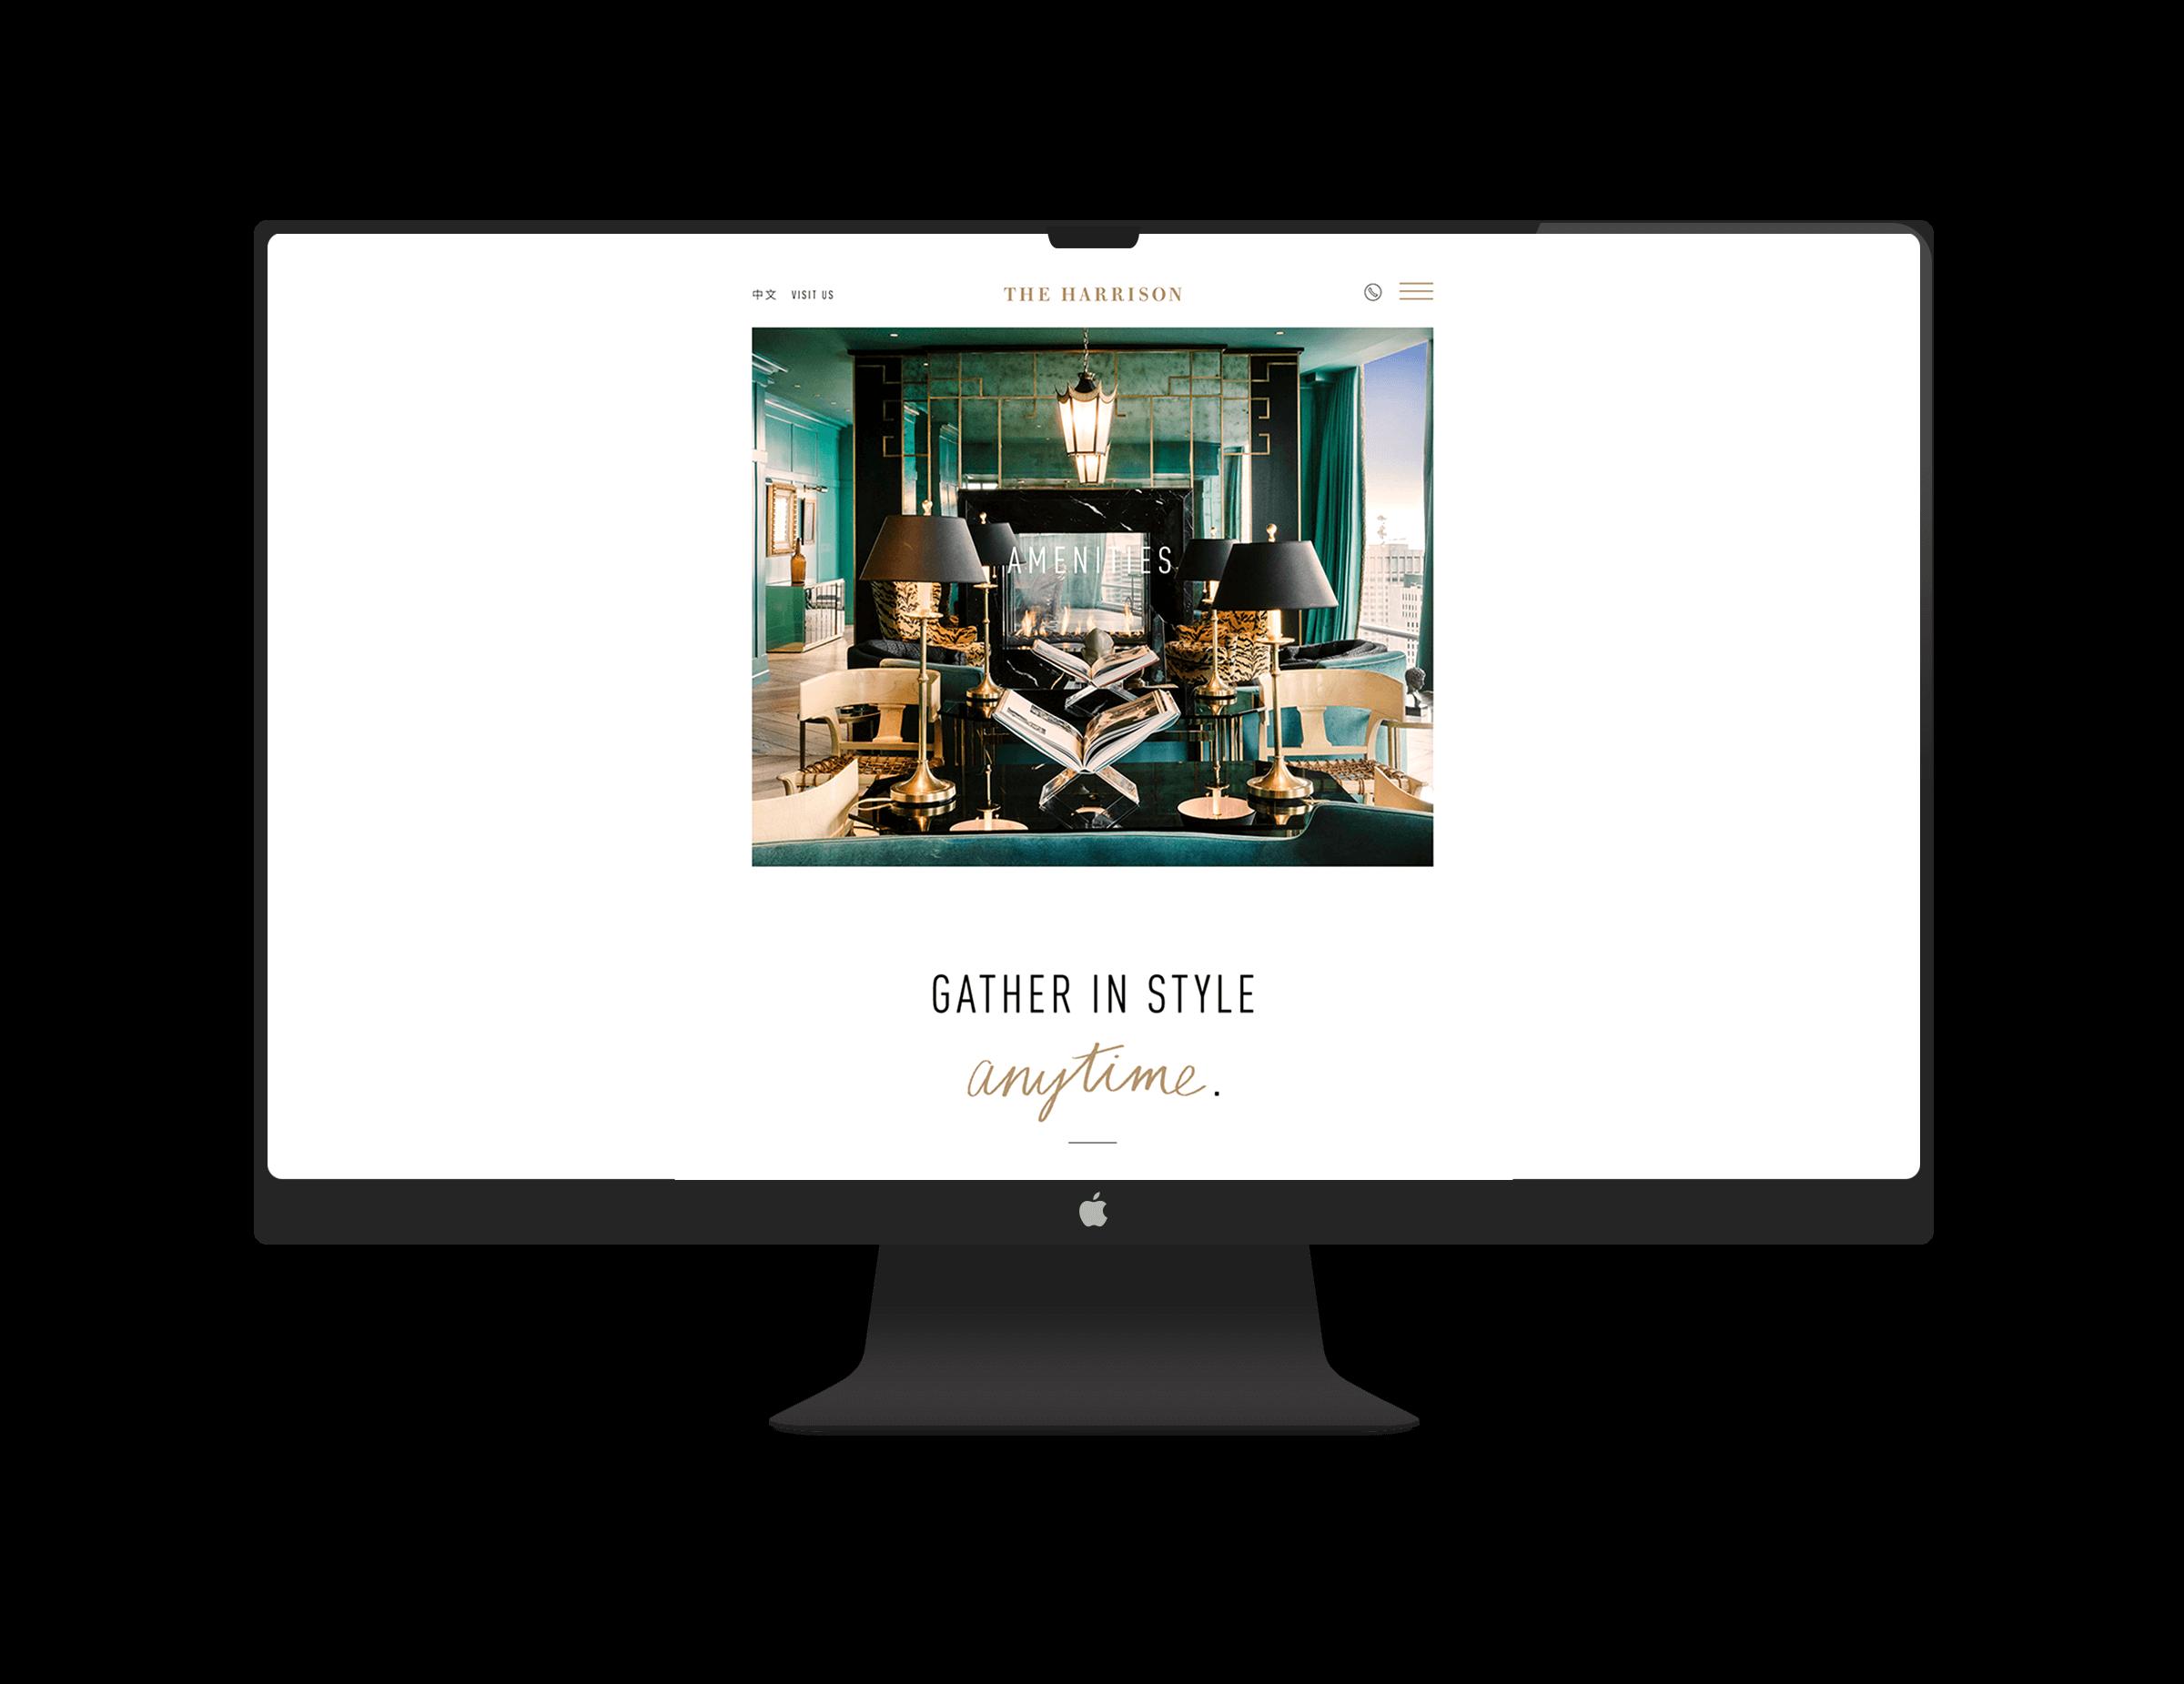 bezel-less-black-apple-cinema-display-Mockup-1